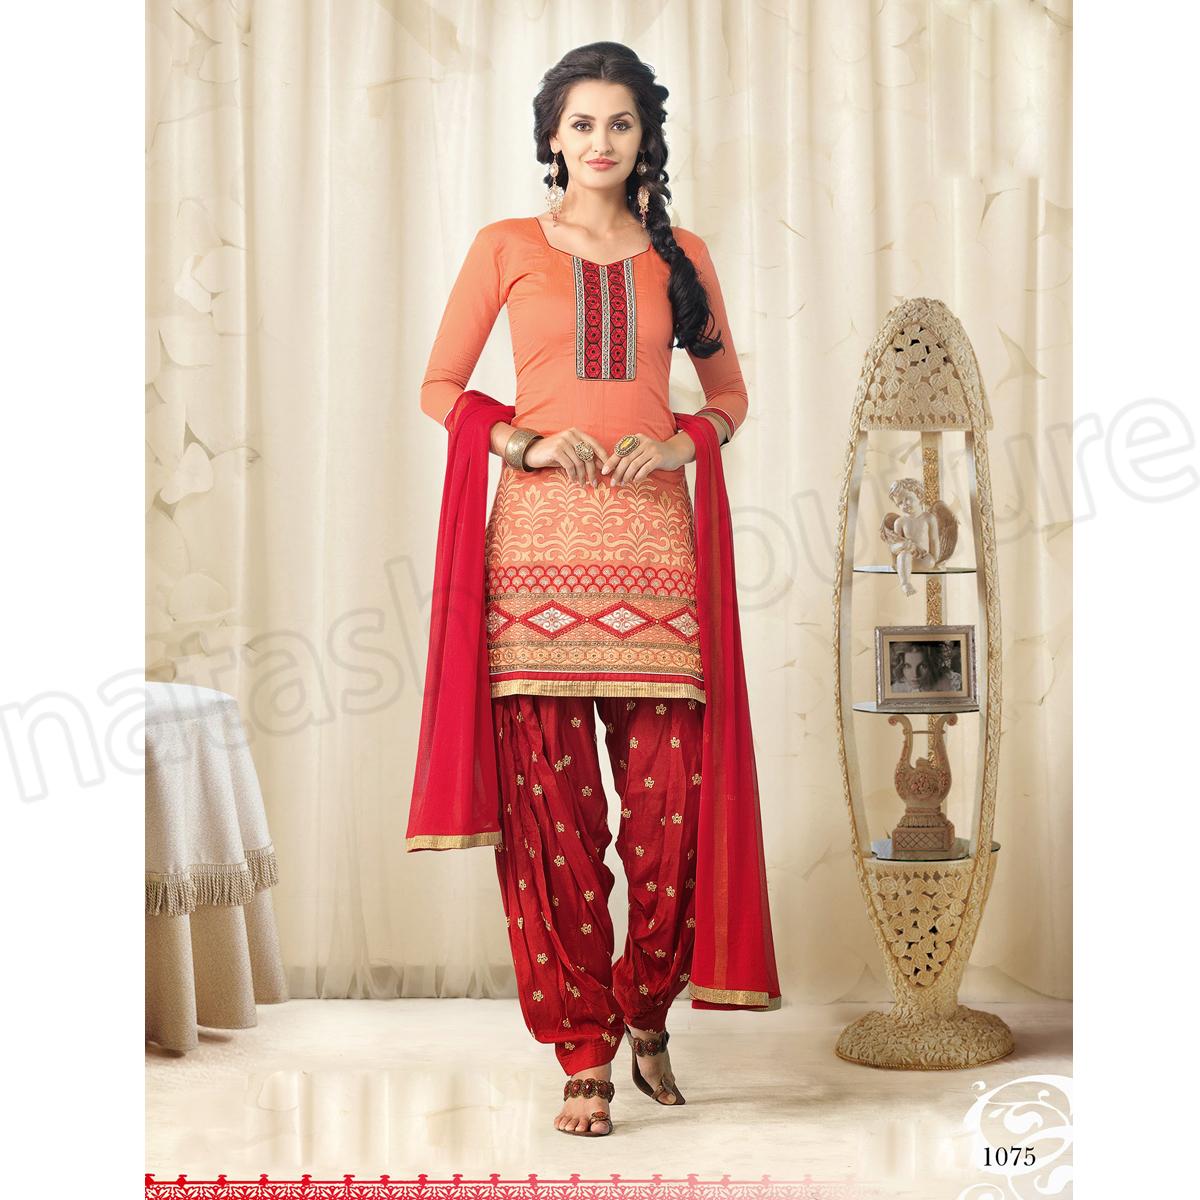 Punjabi Suits Latest Indian patiala Shalwar Kameez Collection 2015-2016 (26)